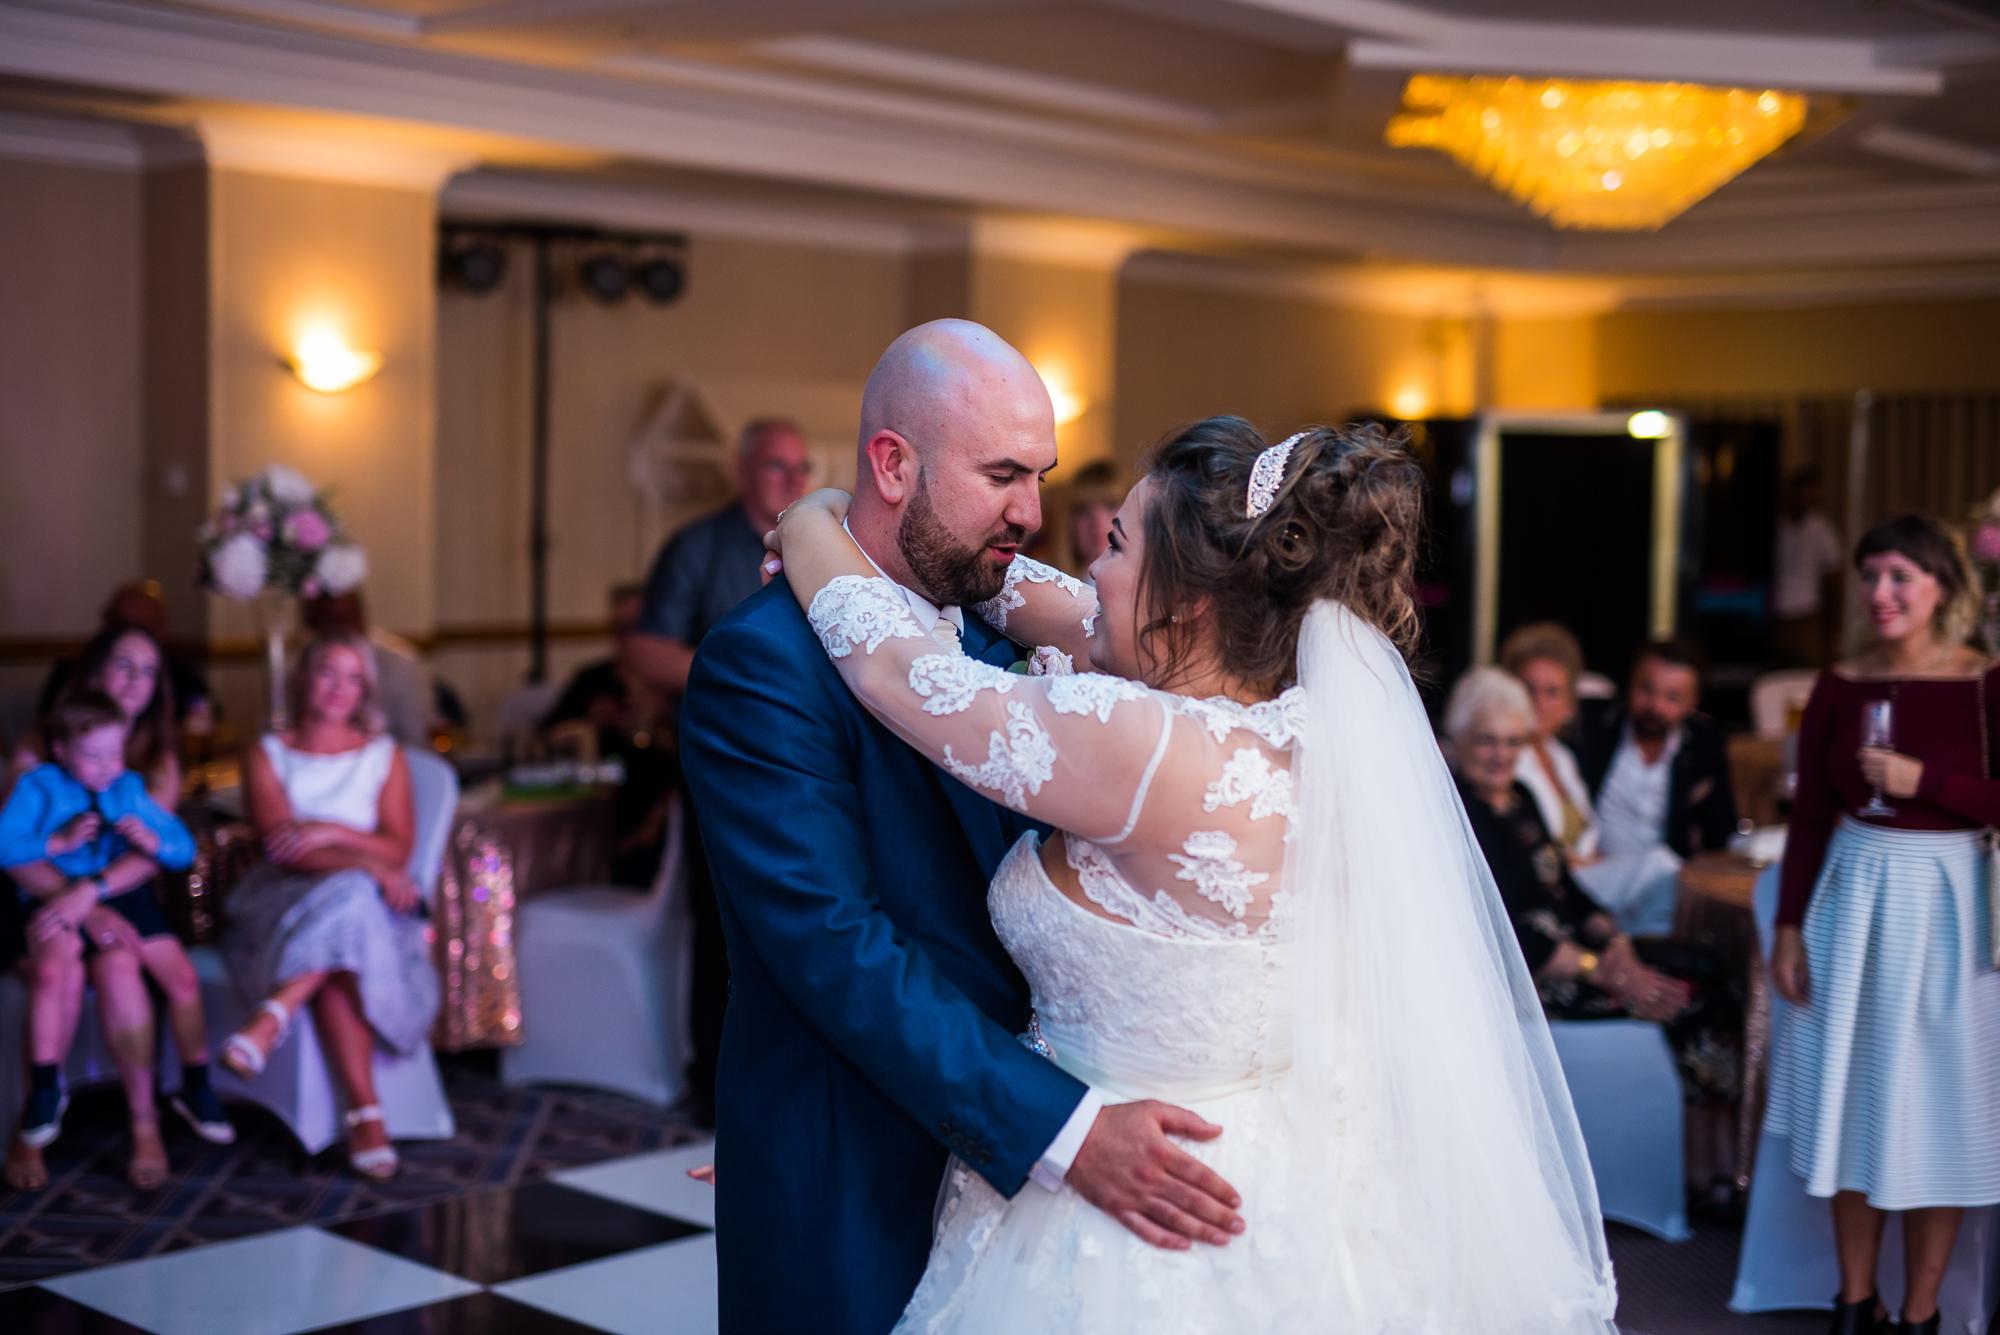 Roise and John wedding photos (362 of 383).jpg